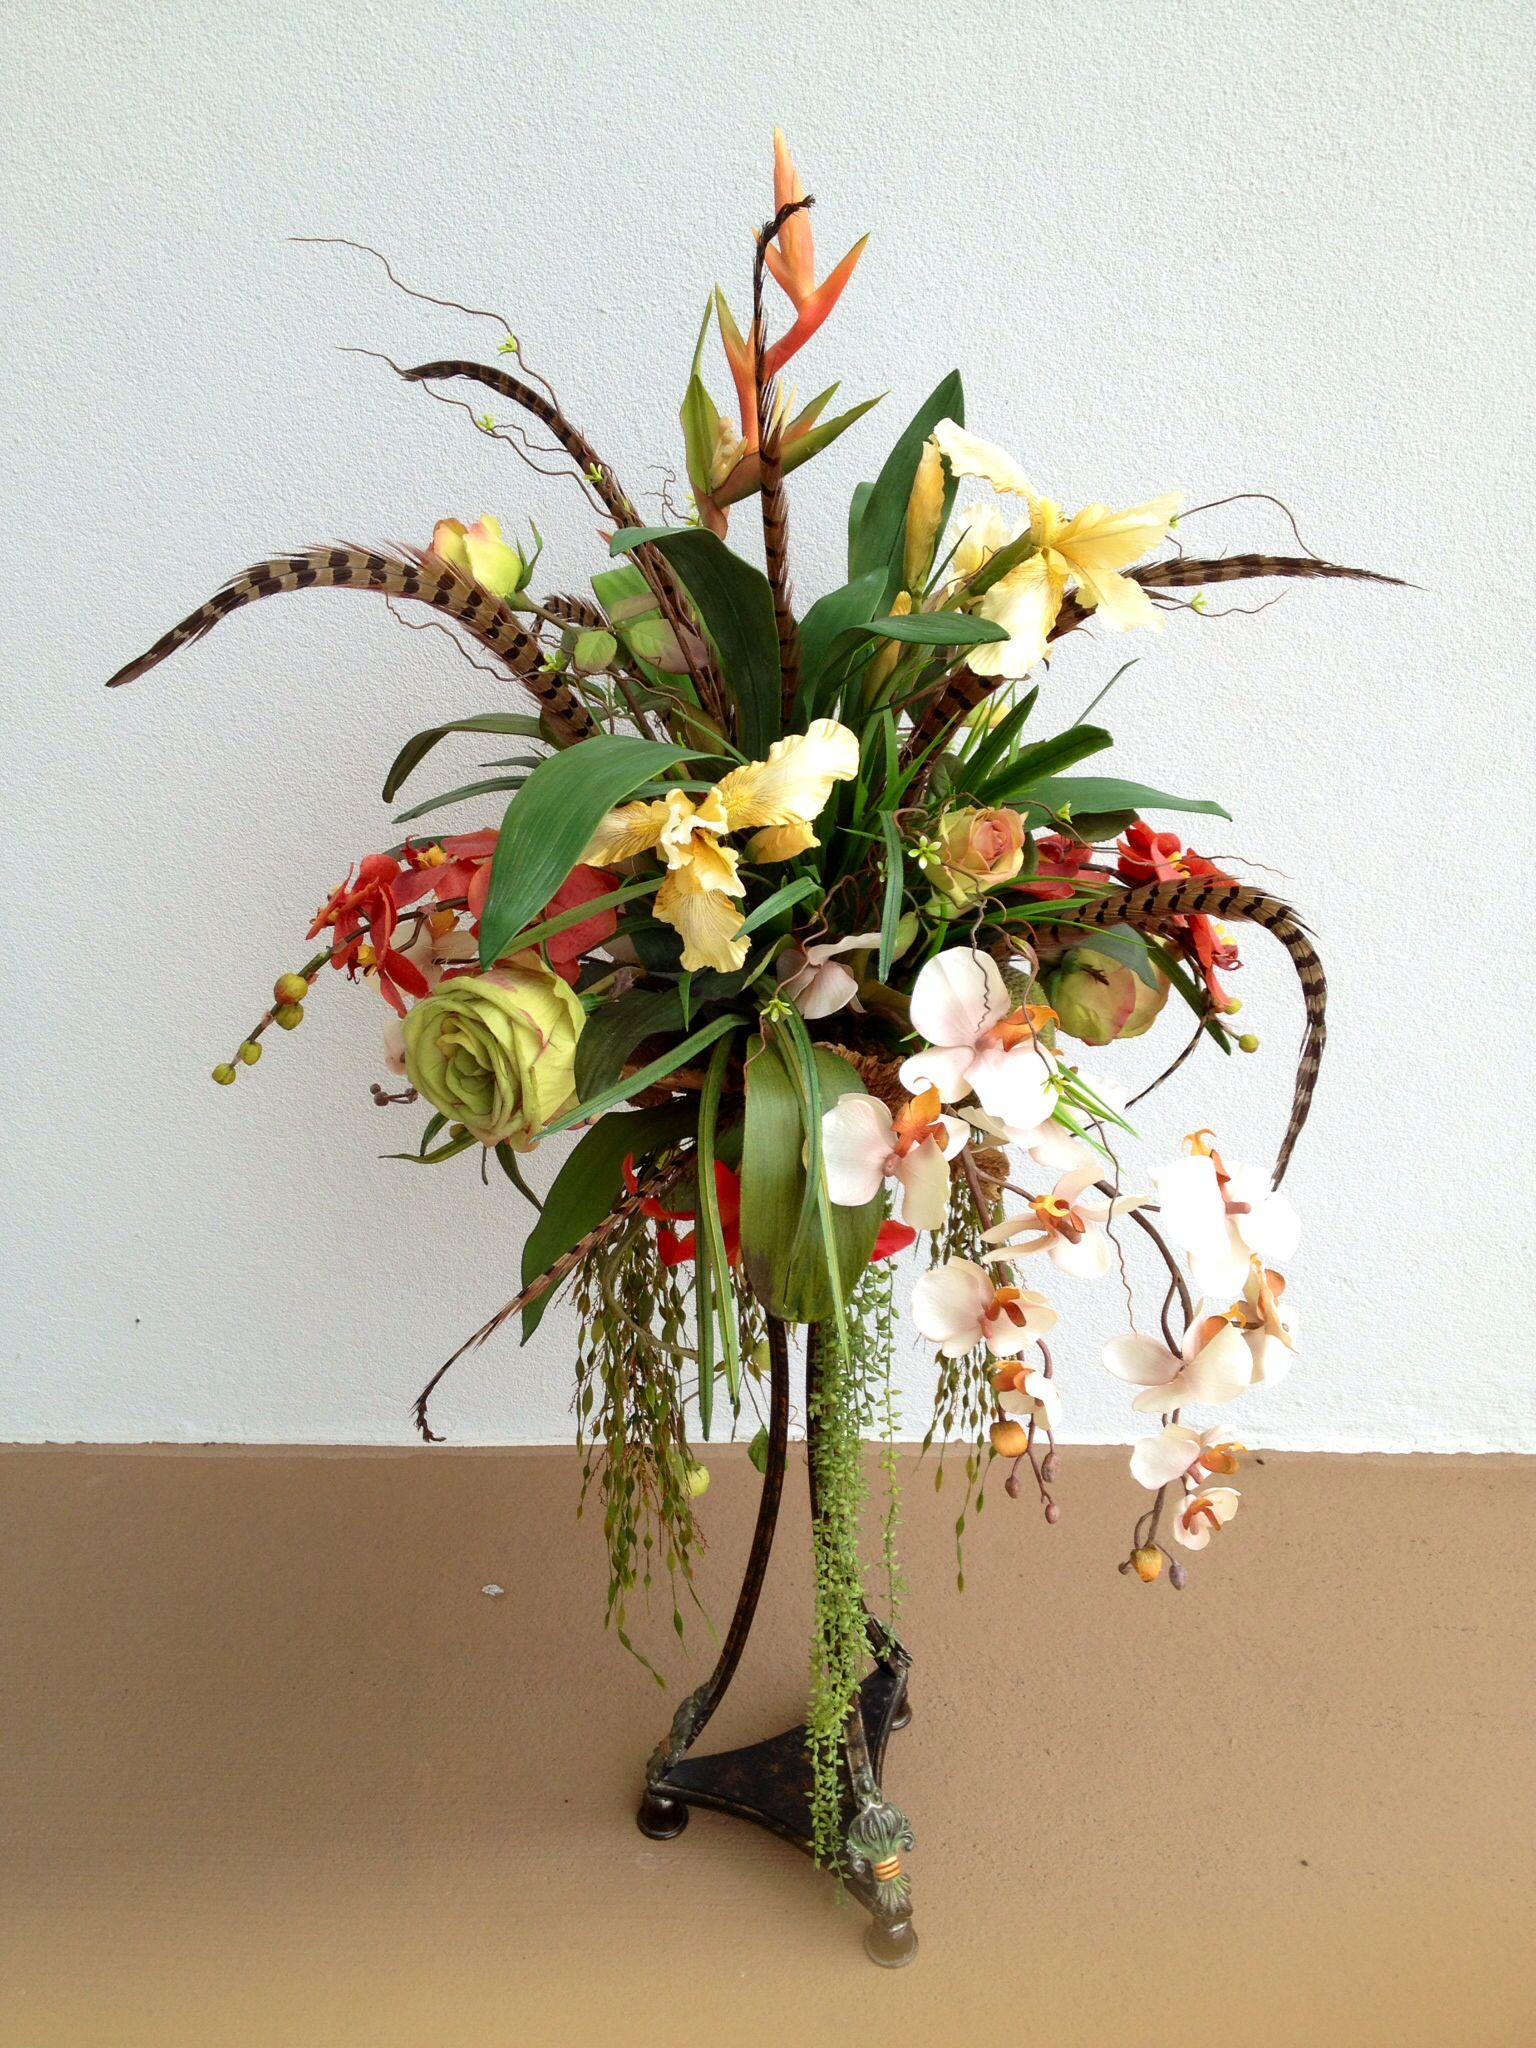 Silk Arrangements For Home Decor tropical floral arrangement Decor